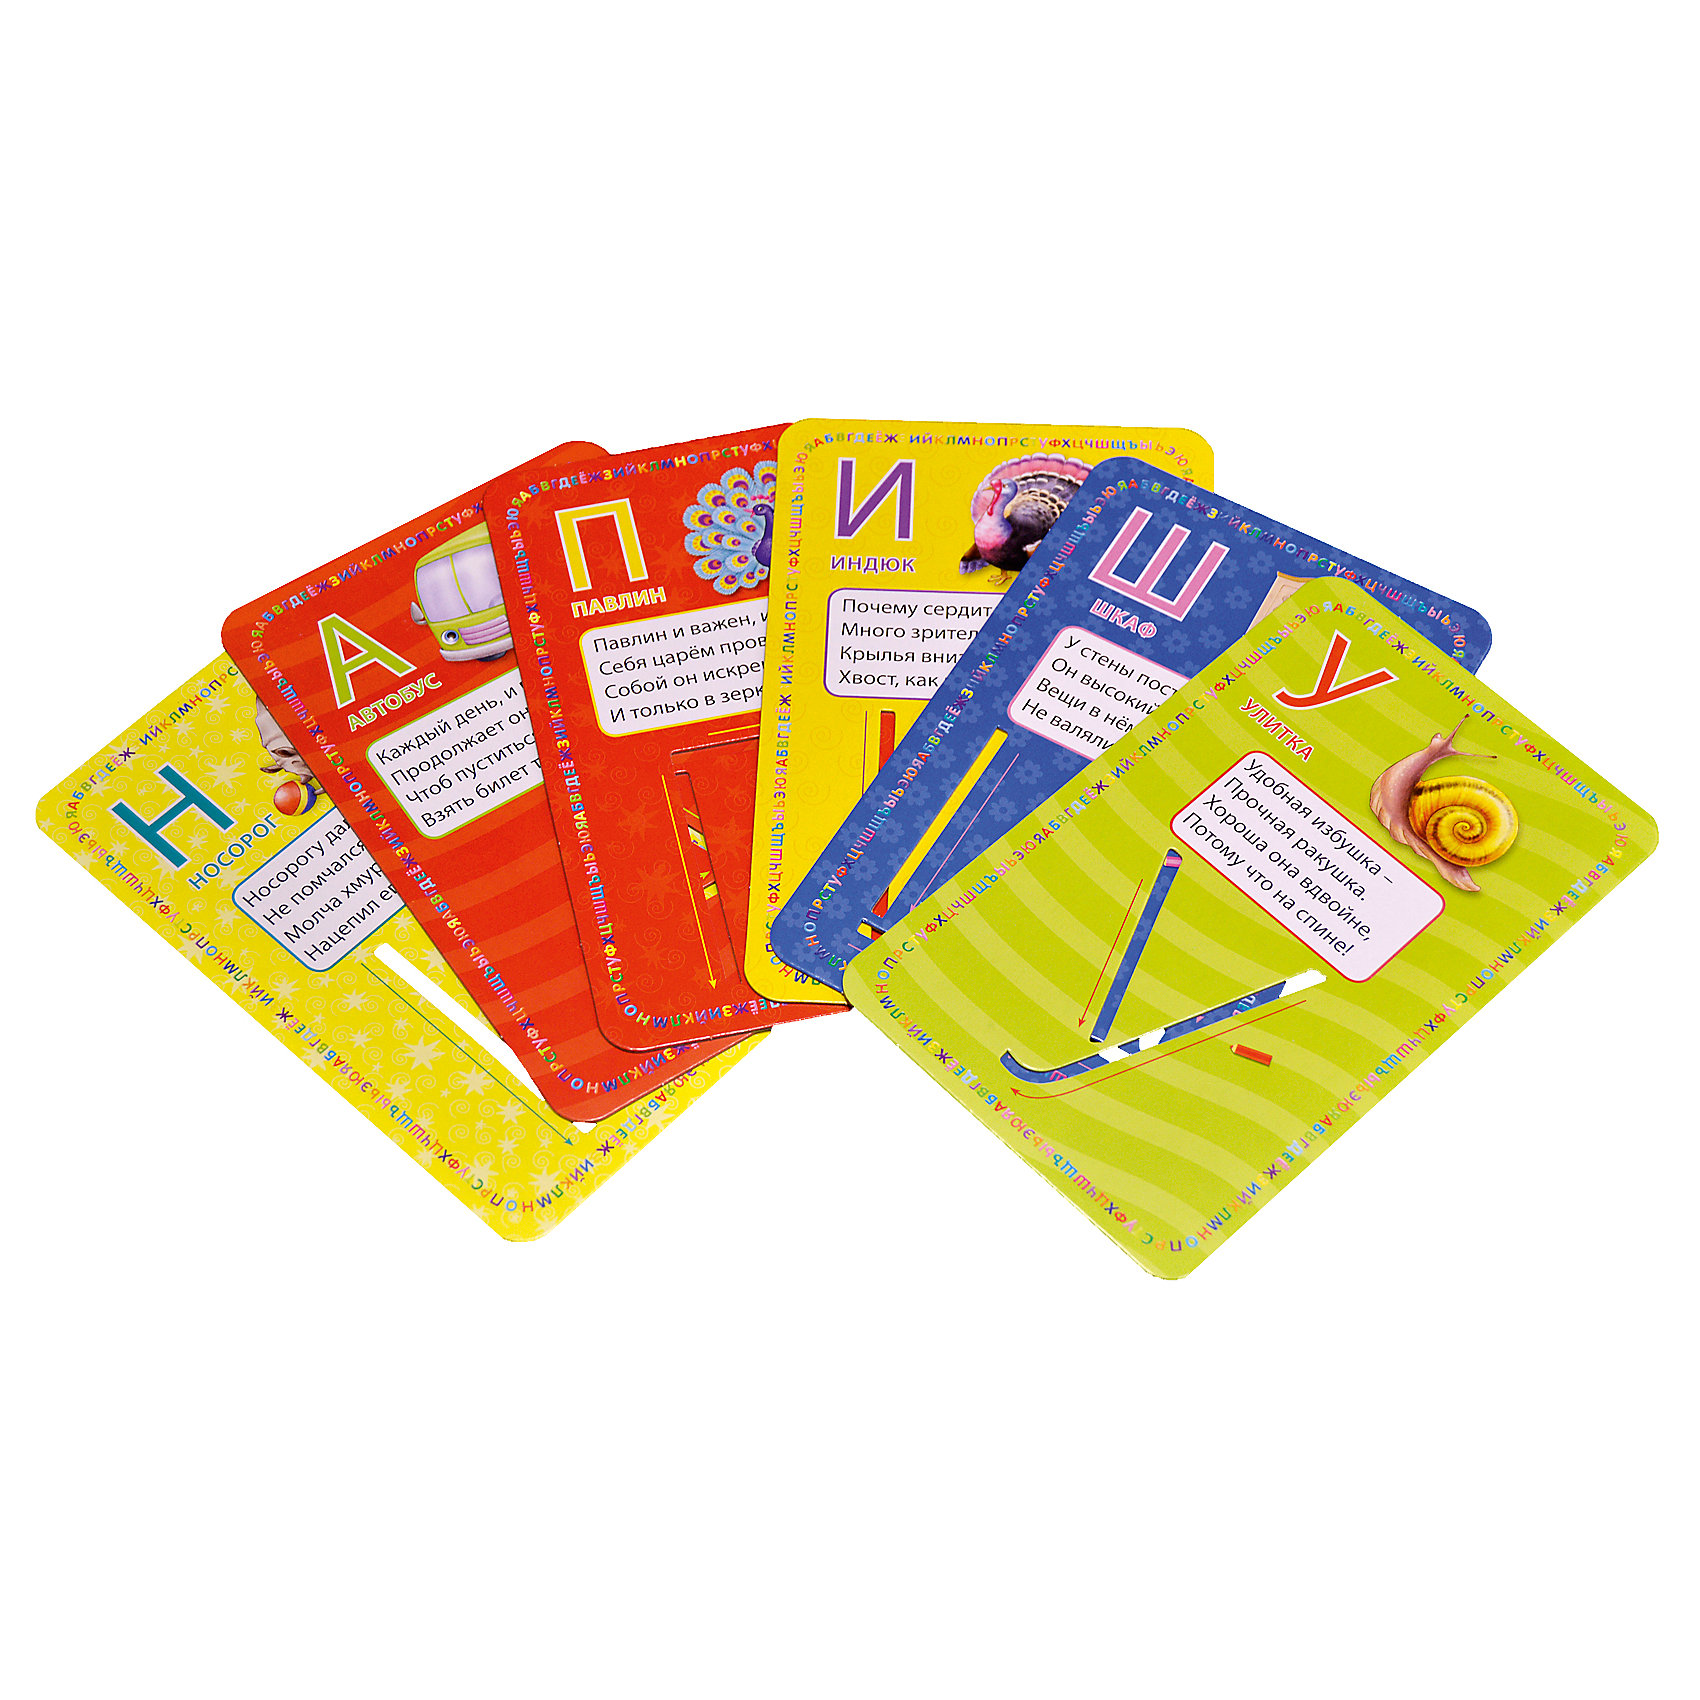 Изучаем буквы и учимся писать с трафаретамиОбучающие карточки<br>«Изучаем буквы и учимся писать» по трафаретам ?<br>комплект, состоящий из 34 обучающих карточек,<br>по одной на каждую букву алфавита. С лицевой<br>стороны карточки вы найдёте трафарет<br>с изображением конкретной буквы и стихотворение<br>к ней, а на обратной стороне ? игровое задание<br>с прописями для тренировки навыков письма.<br>Комплект предназначен для детей в возрасте<br>от 3 лет. Ребёнок легко запомнит все буквы алфавита,<br>пополнит свой словарный запас новыми понятиями,<br>научится писать по трафаретам. Это поможет развить<br>мелкую моторику рук, память, внимательность,<br>воображение, сформирует у малыша навыки<br>чтения и письма.<br><br>Ширина мм: 113<br>Глубина мм: 153<br>Высота мм: 350<br>Вес г: 380<br>Возраст от месяцев: 36<br>Возраст до месяцев: 2147483647<br>Пол: Унисекс<br>Возраст: Детский<br>SKU: 6751781